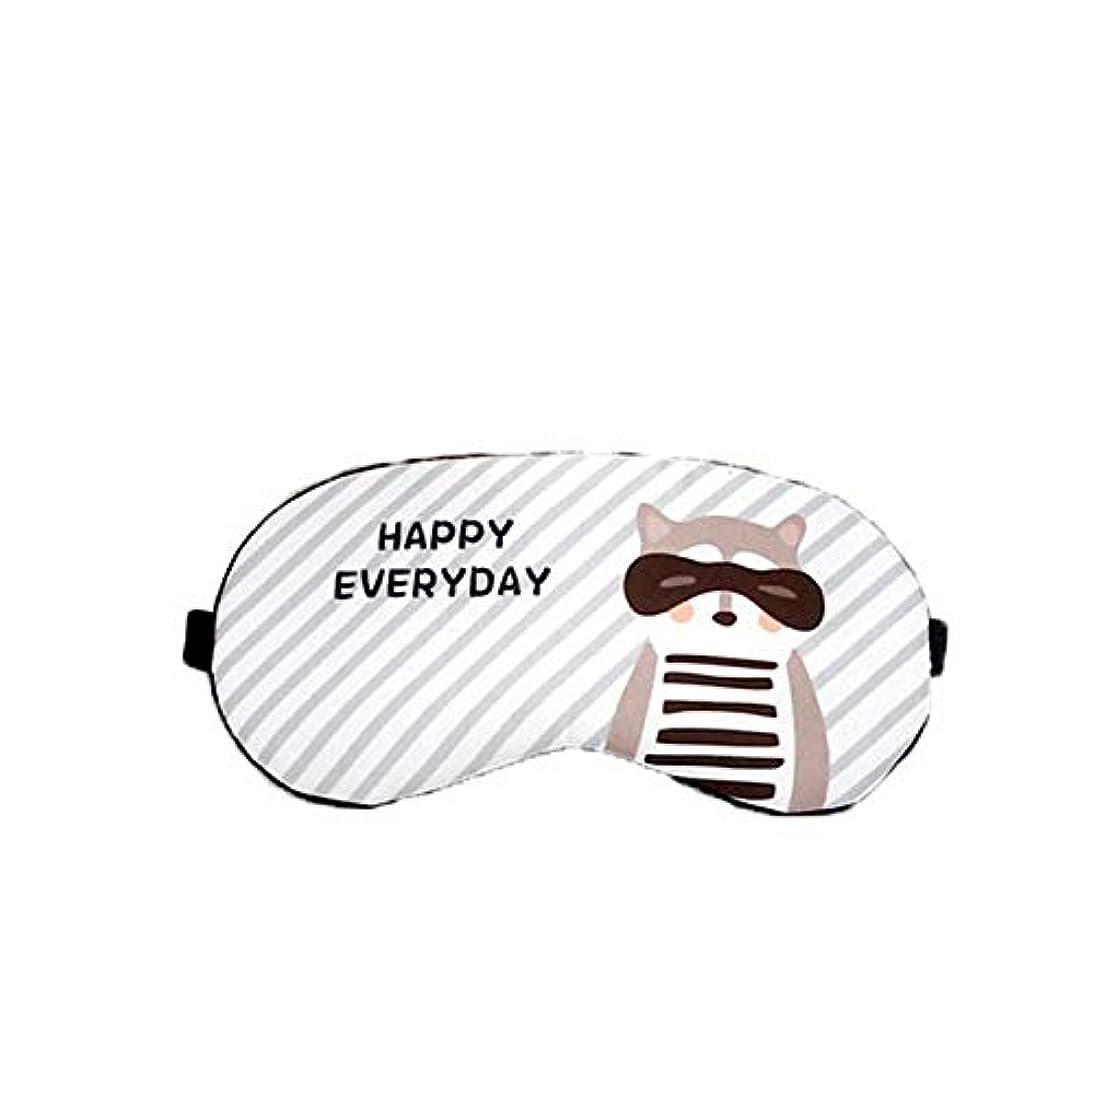 恩恵豚肉ペーストNOTE アイマスク/ペンギン旅行リラックス睡眠補助MP0184用睡眠マスクアイパッチアイカバーポリエステルと綿クリエイティブラブリー漫画